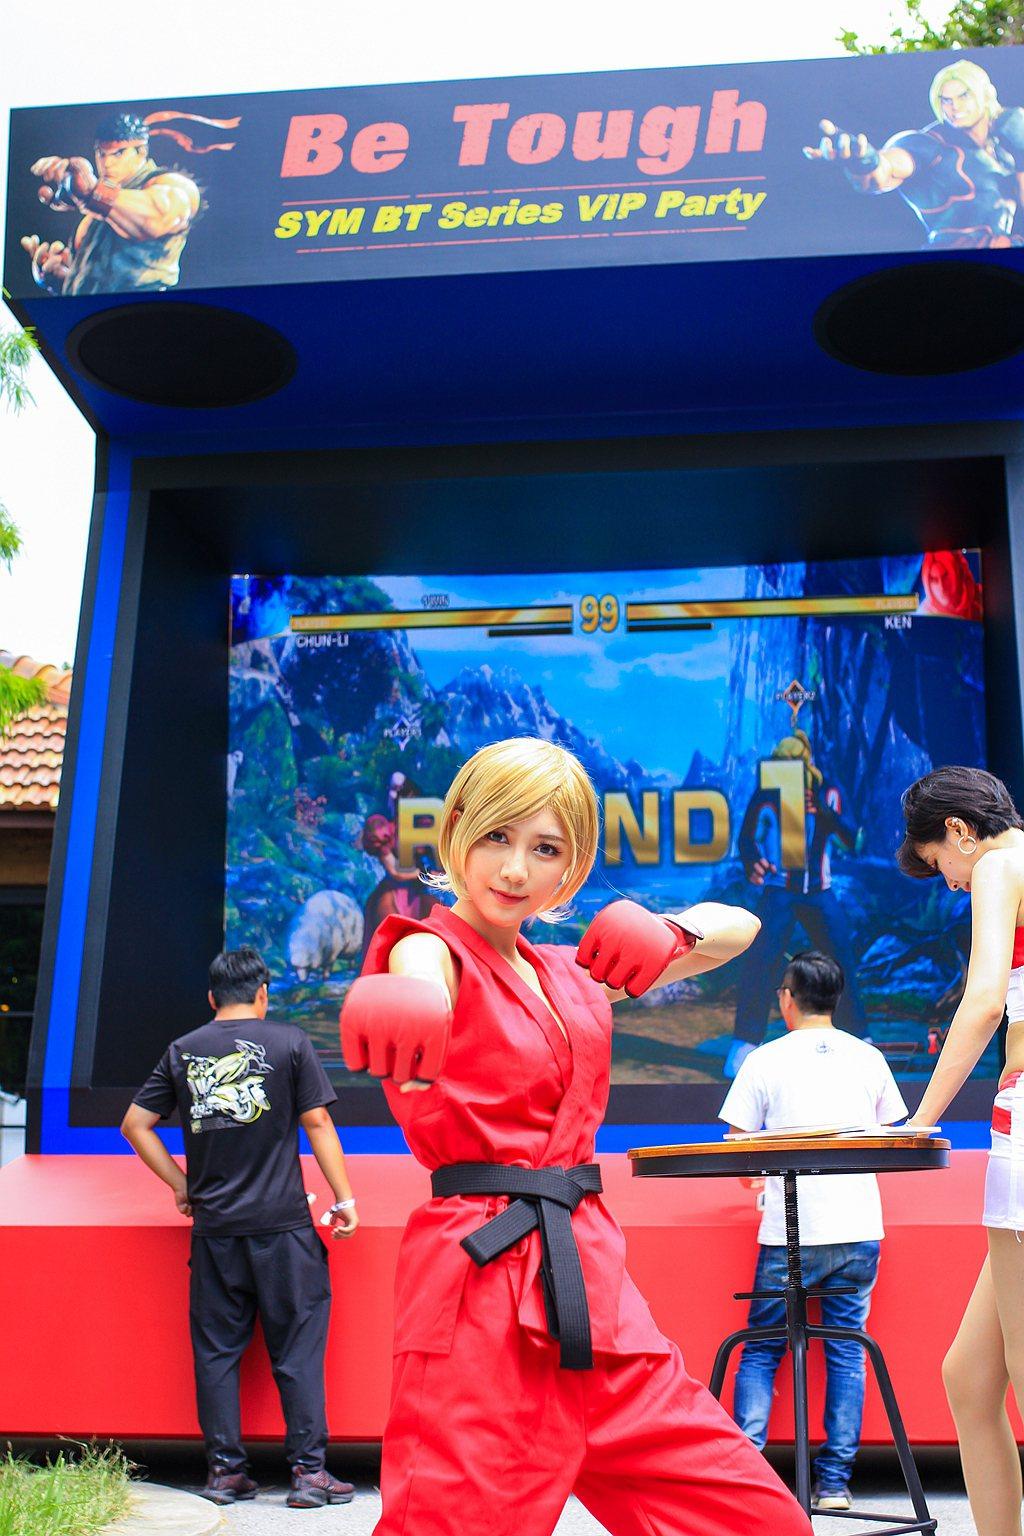 配合「SYM x Street Fighter V」的熱血跨界聯名,此次活動滿滿...